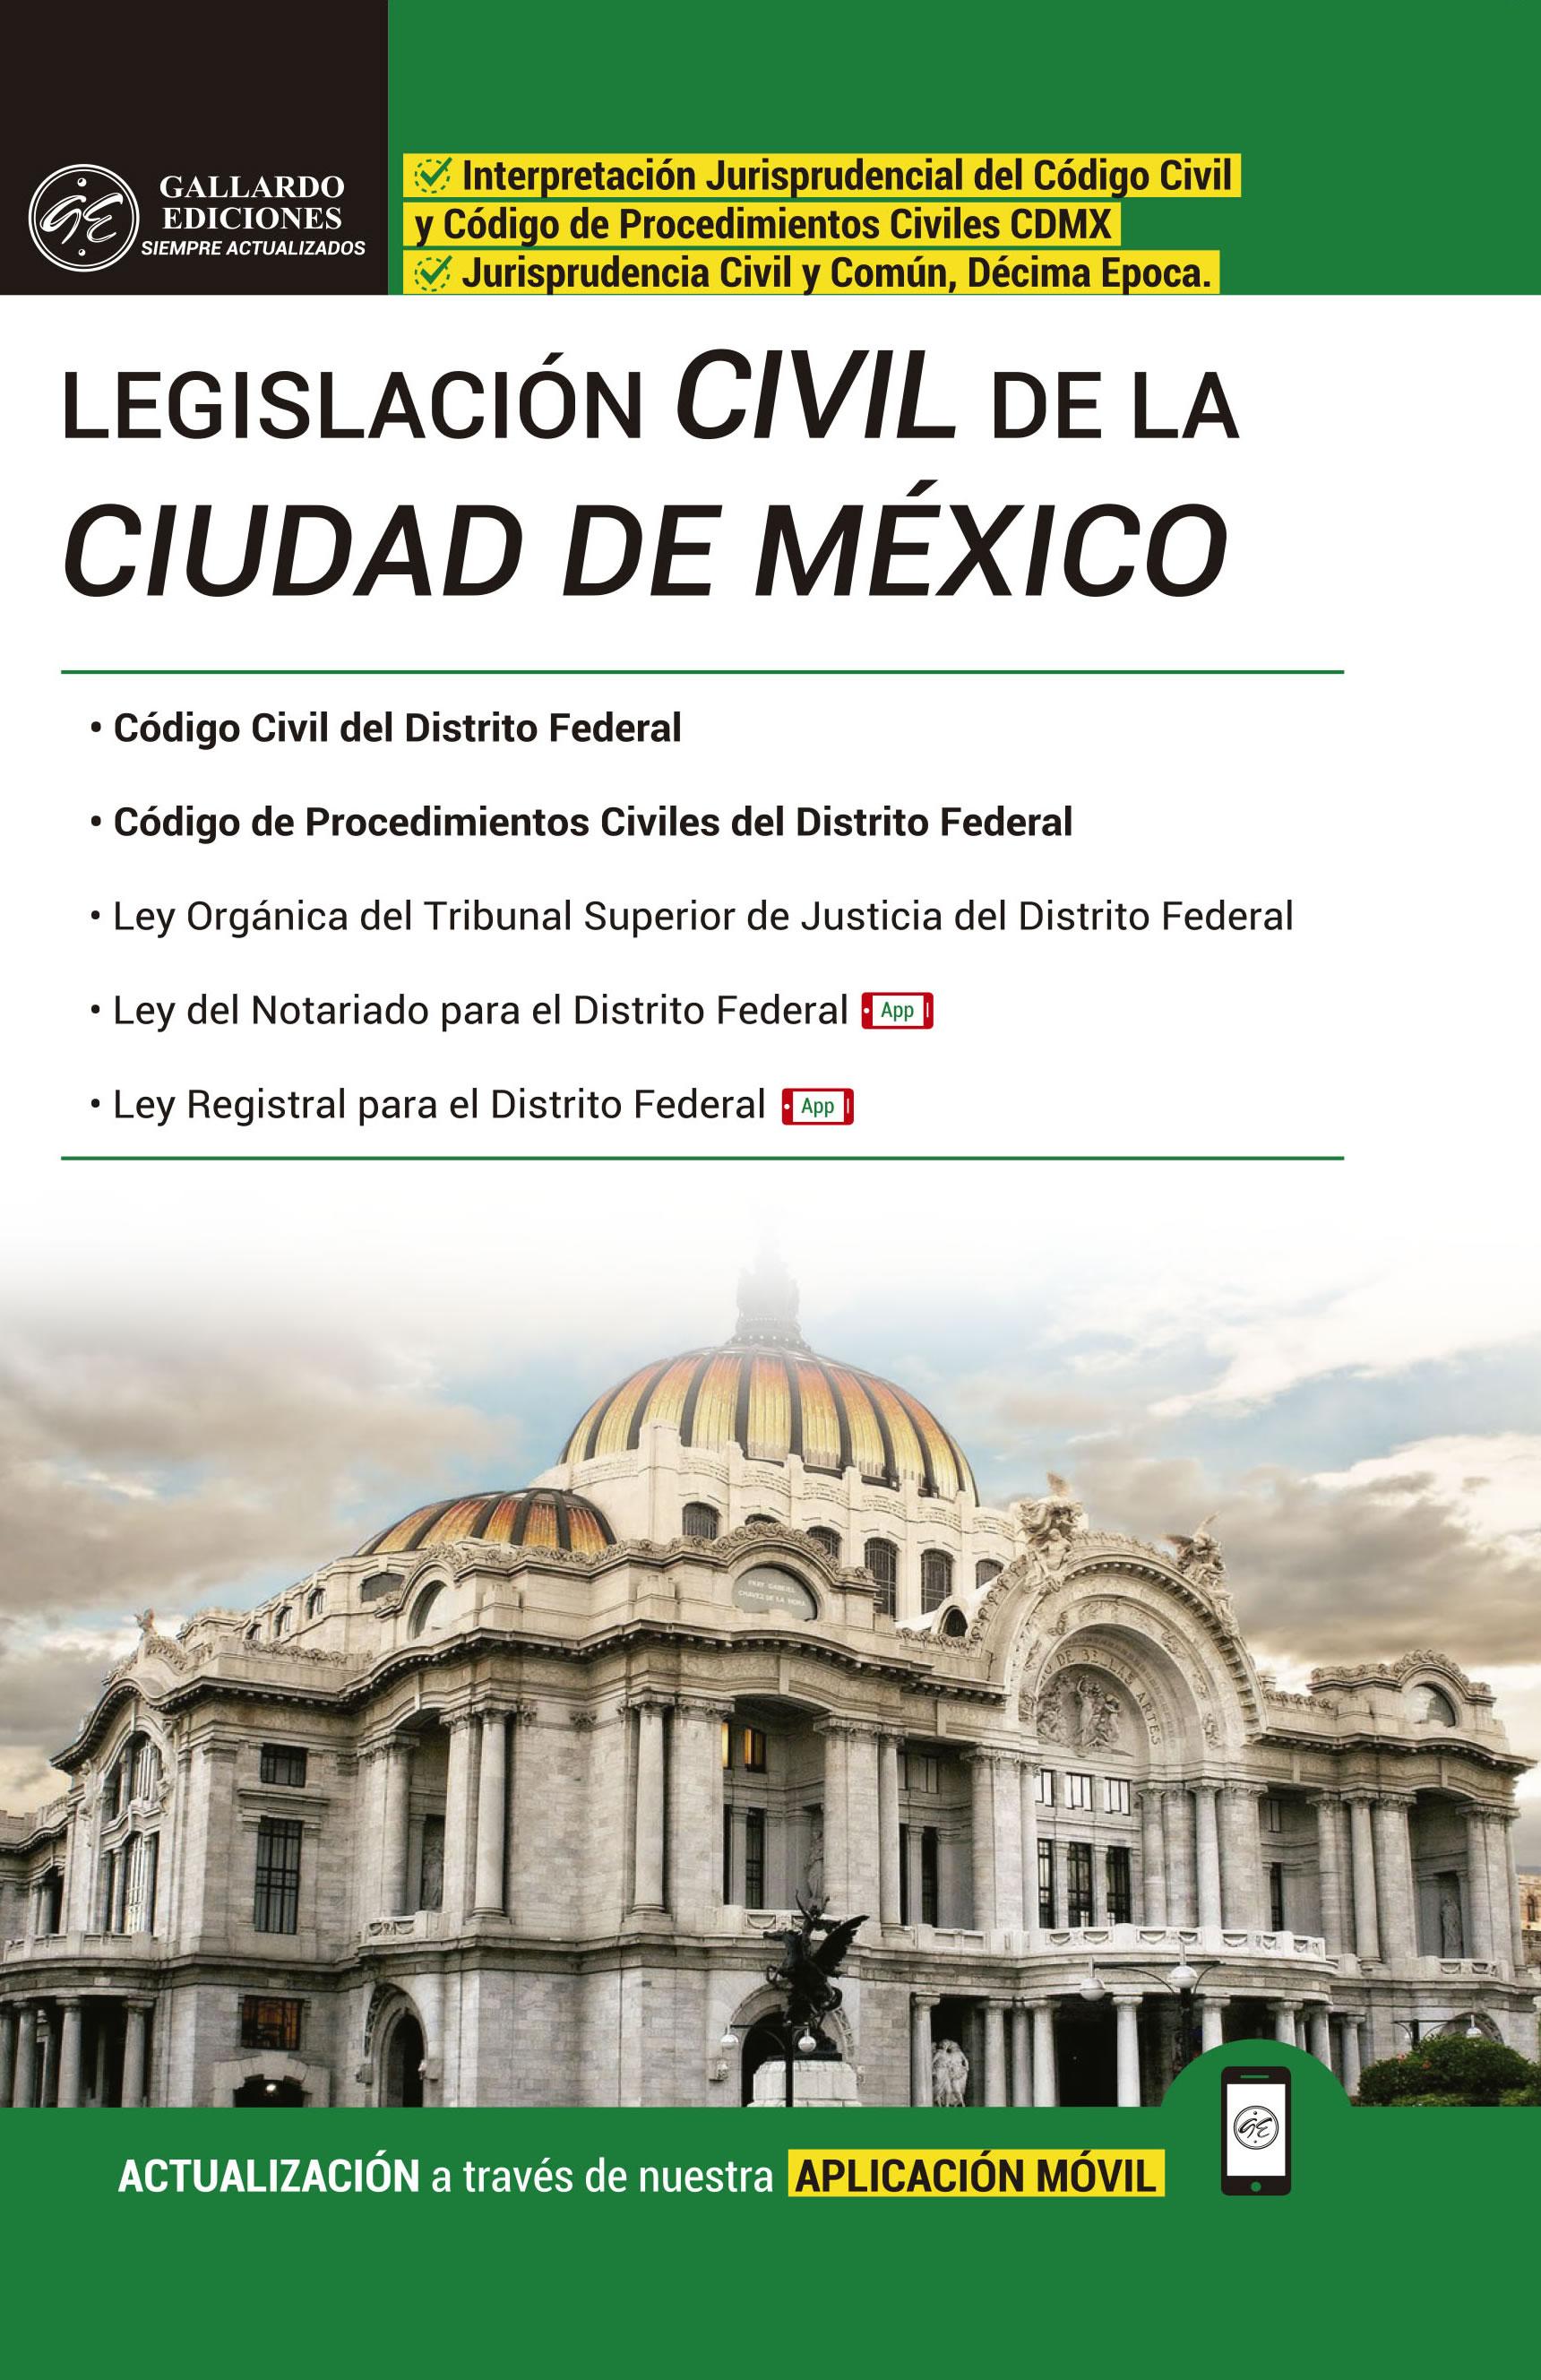 Legislación Civil de la Ciudad de México 2018 PRO